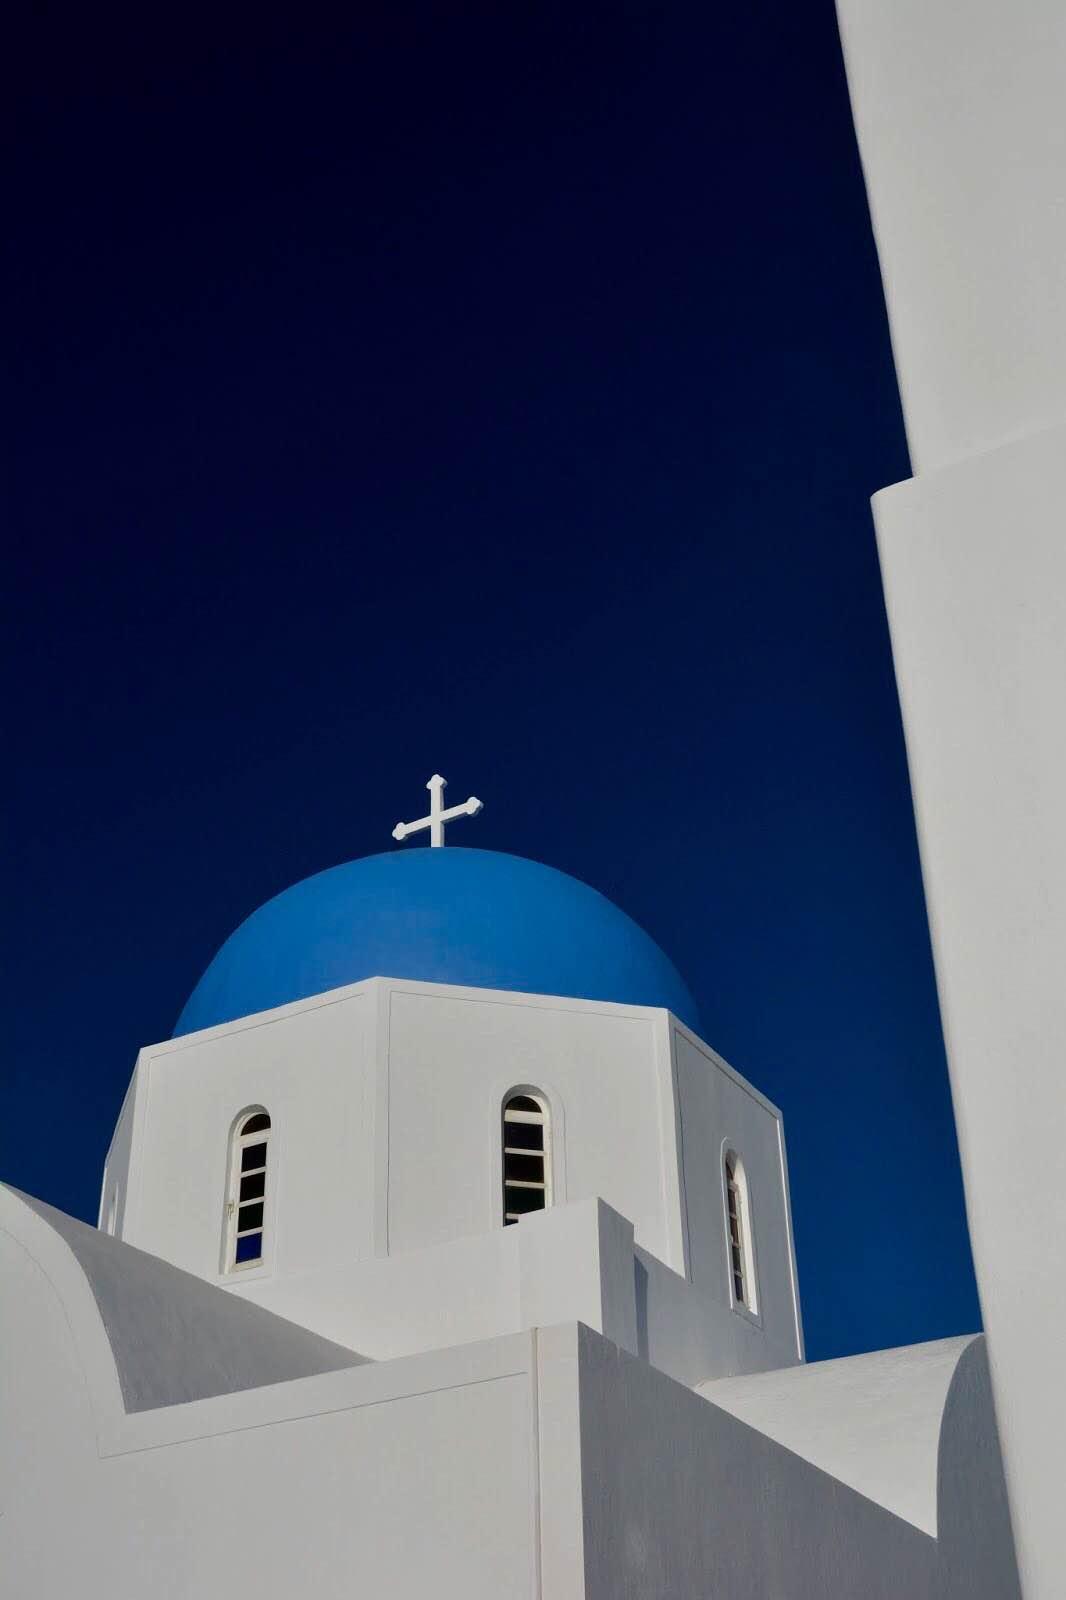 Firostefani, Greece 2016